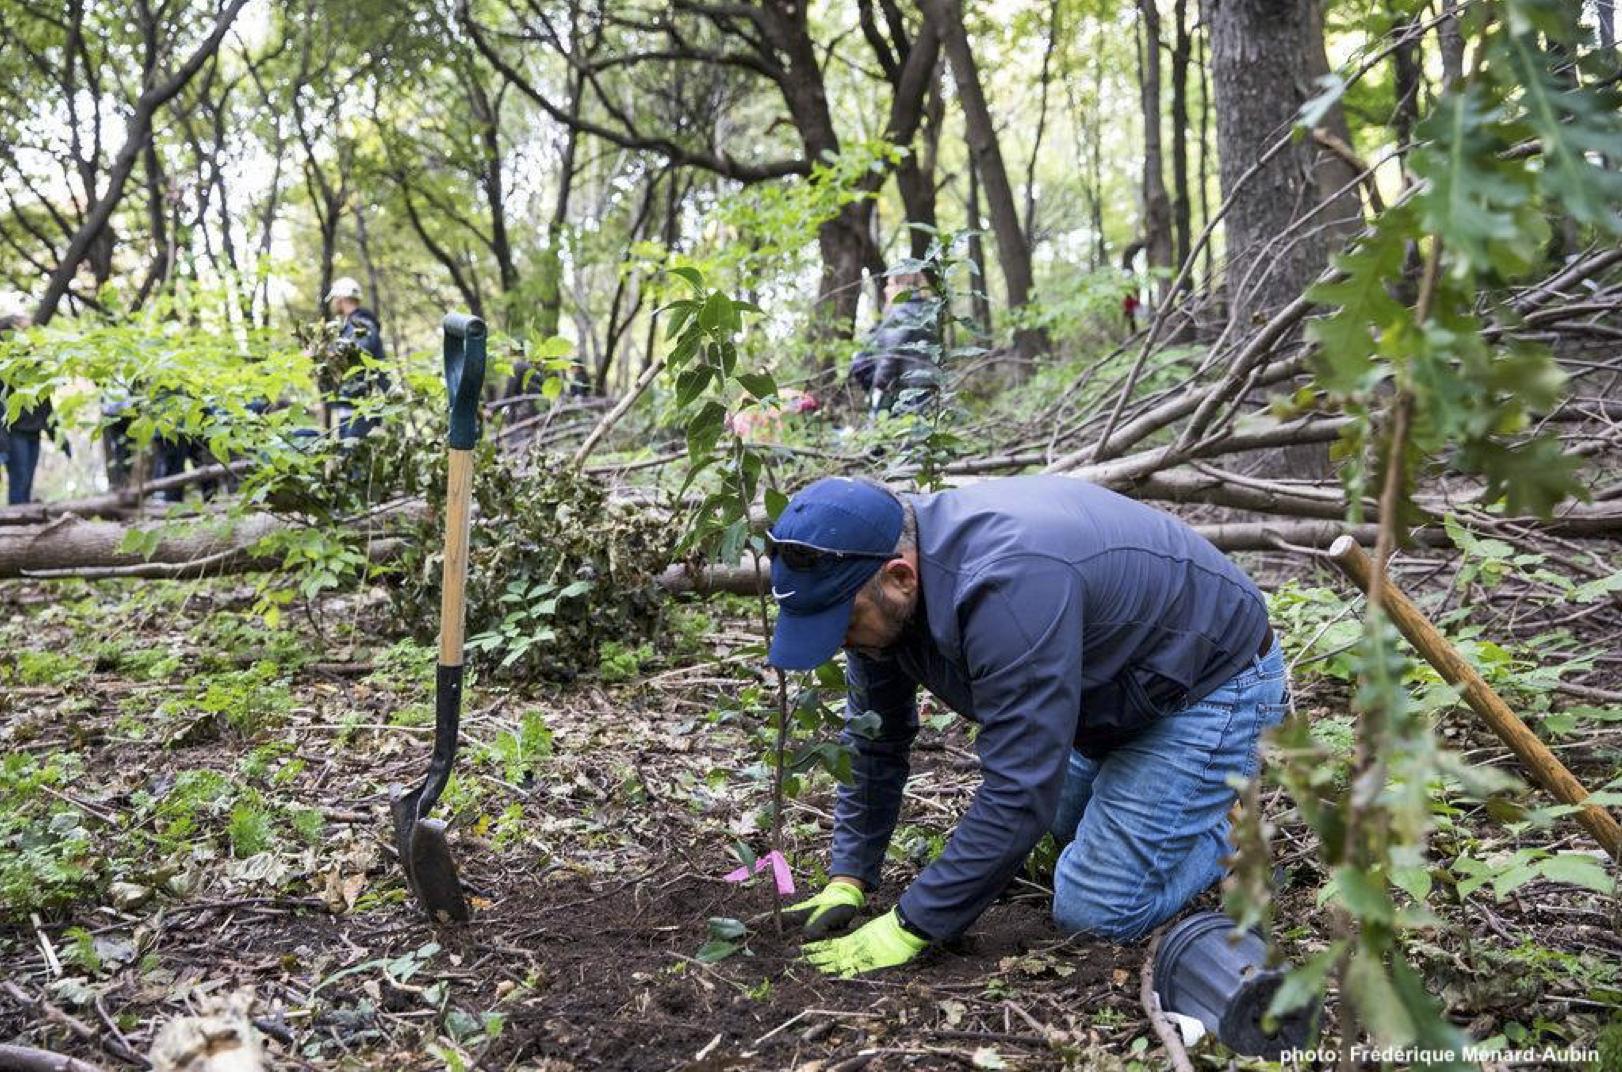 Volunteering: Managing Buckthorn and Indigenous Tree Planting